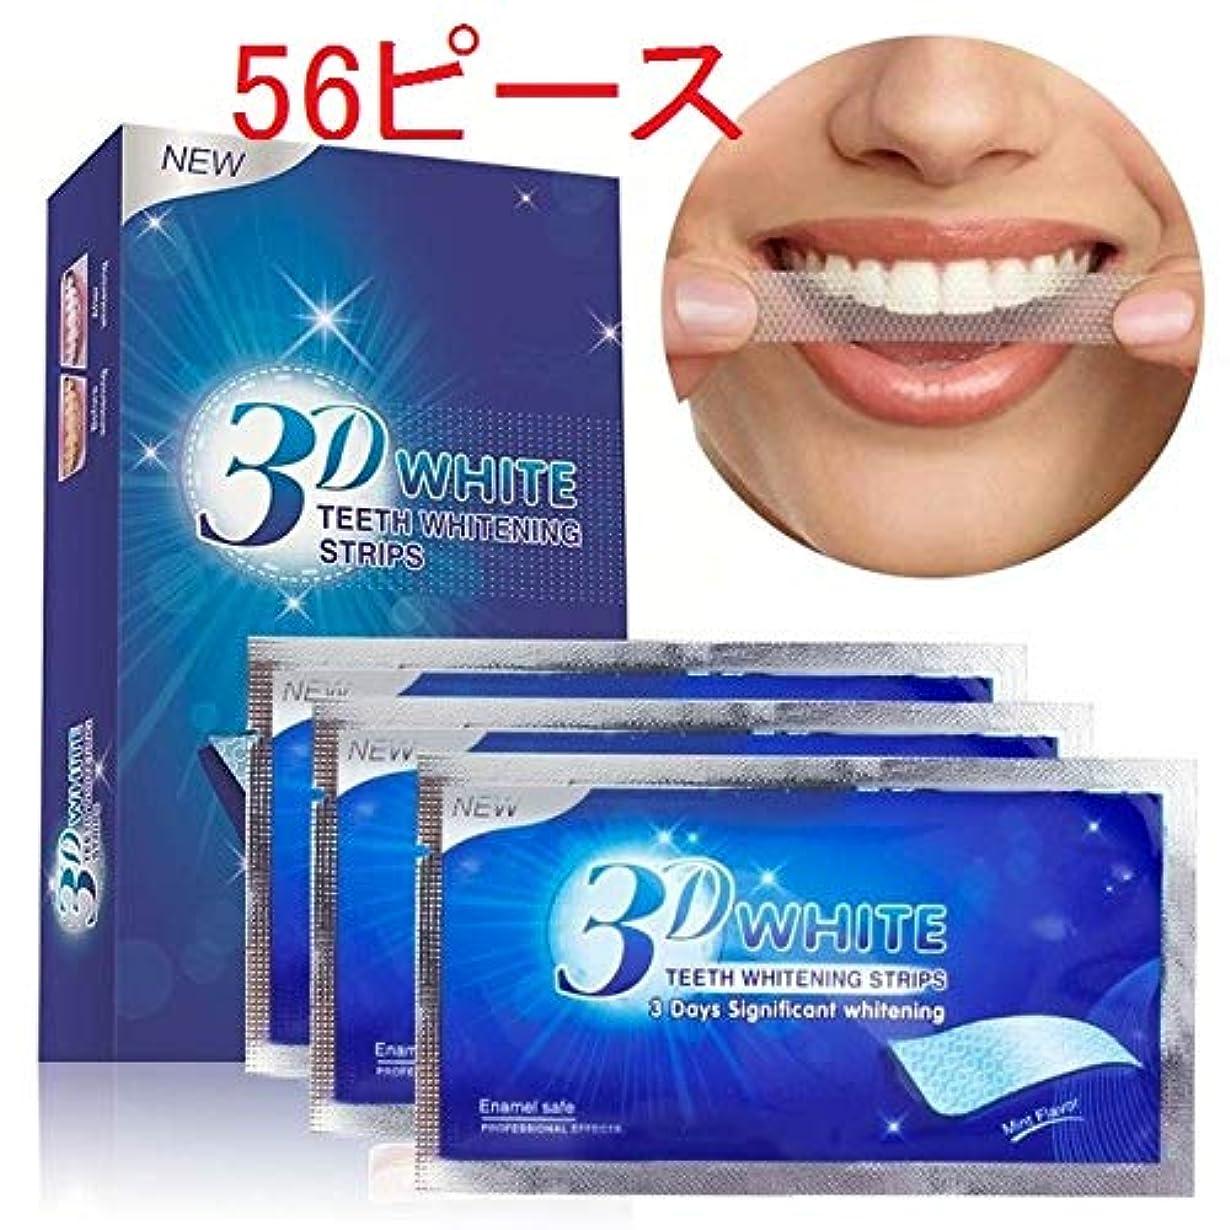 近代化する喜んで約束する28ペア)56個 ホワイトストライプを白くする歯 - 歯のケア用ホワイトストリップ - ストリップを白くする歯 - 高速ホワイトニング Teeth Whitening White Stripes - Tooth Care...